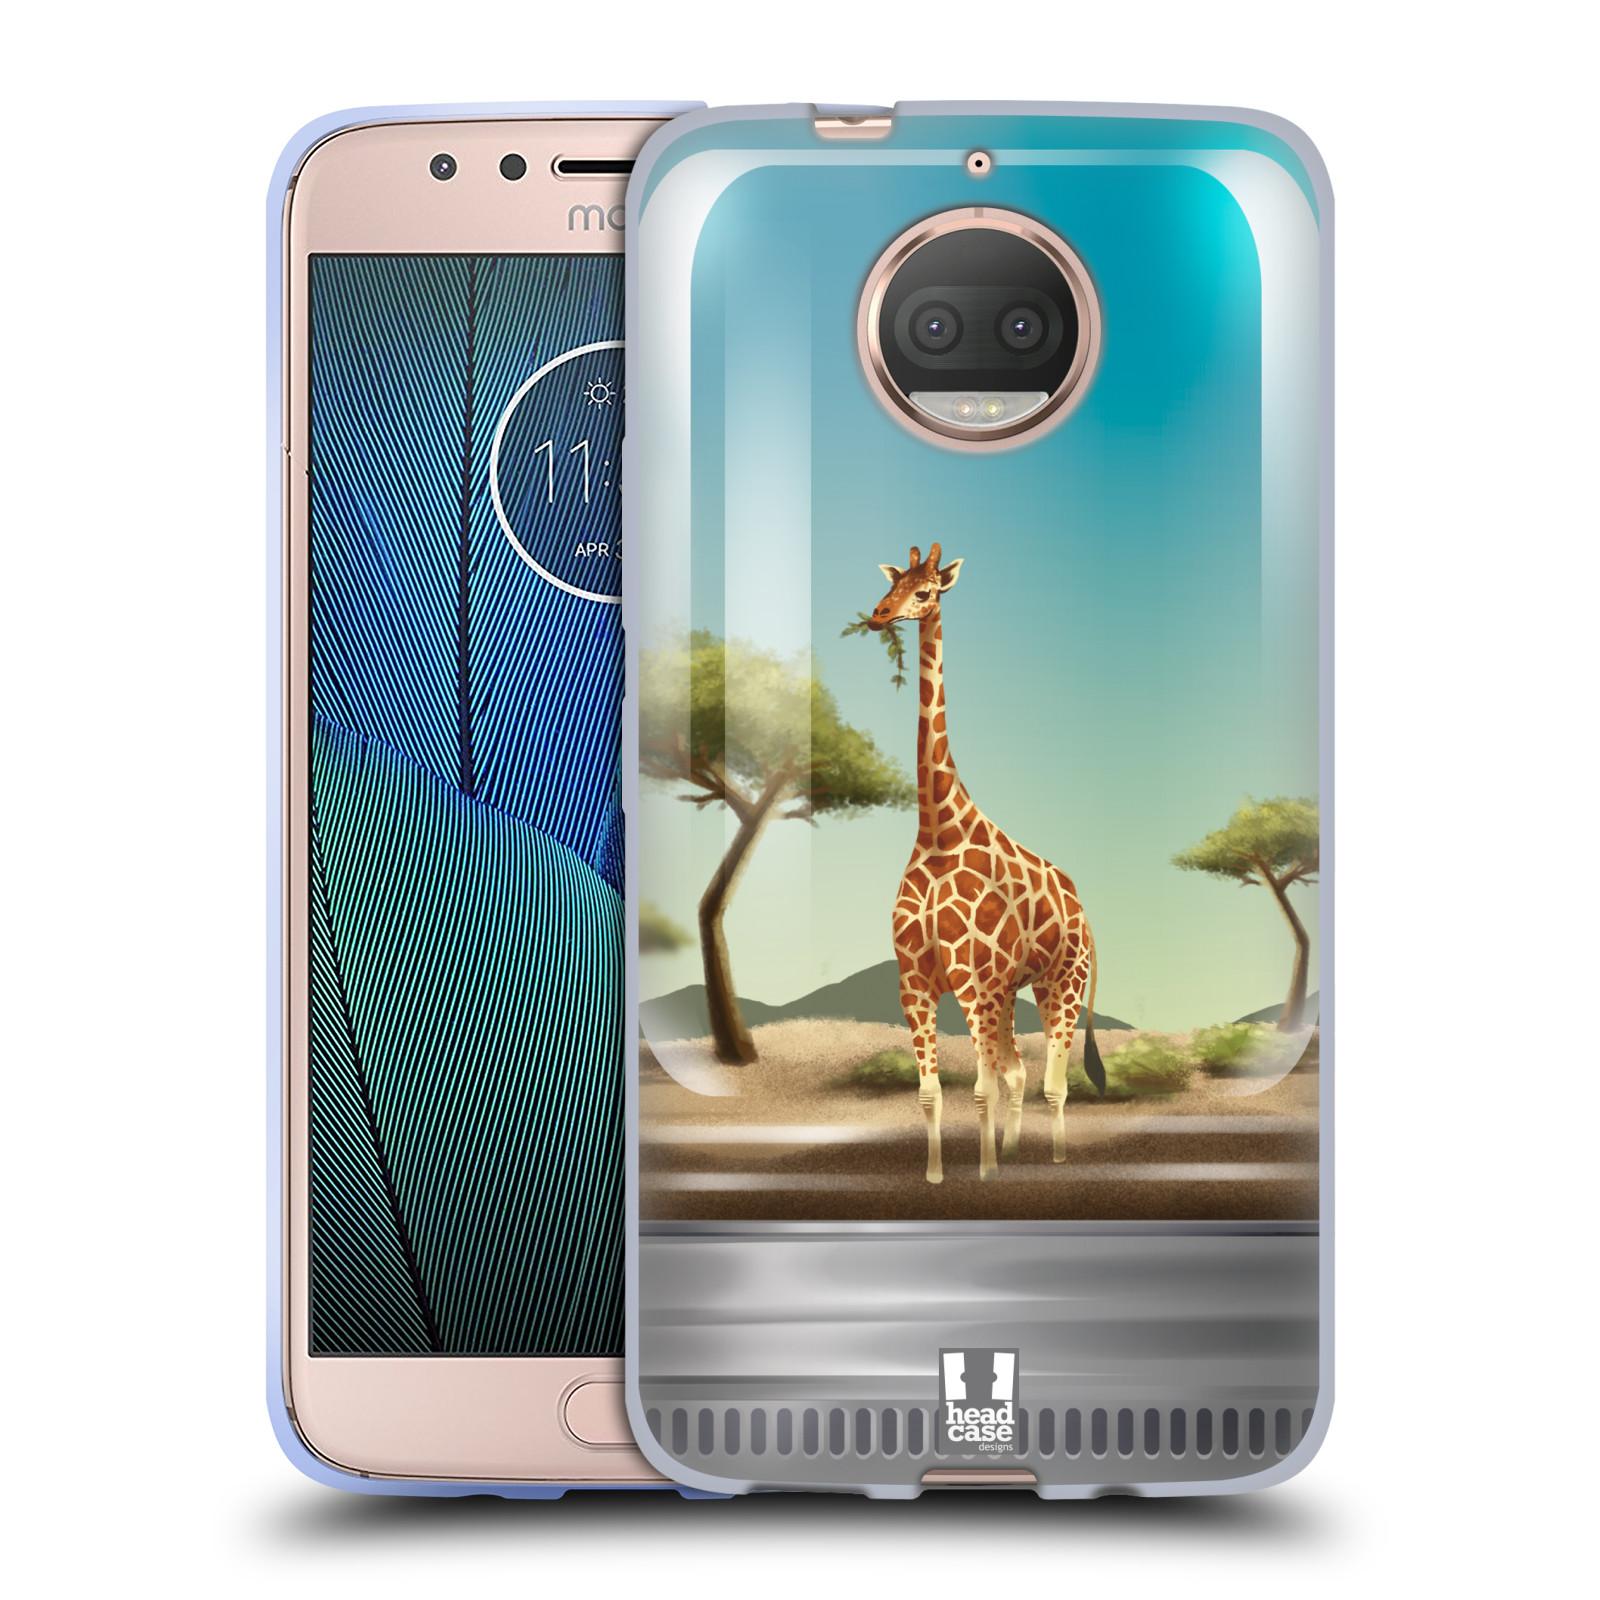 HEAD CASE silikonový obal na mobil Lenovo Moto G5s PLUS vzor Zvířátka v těžítku žirafa